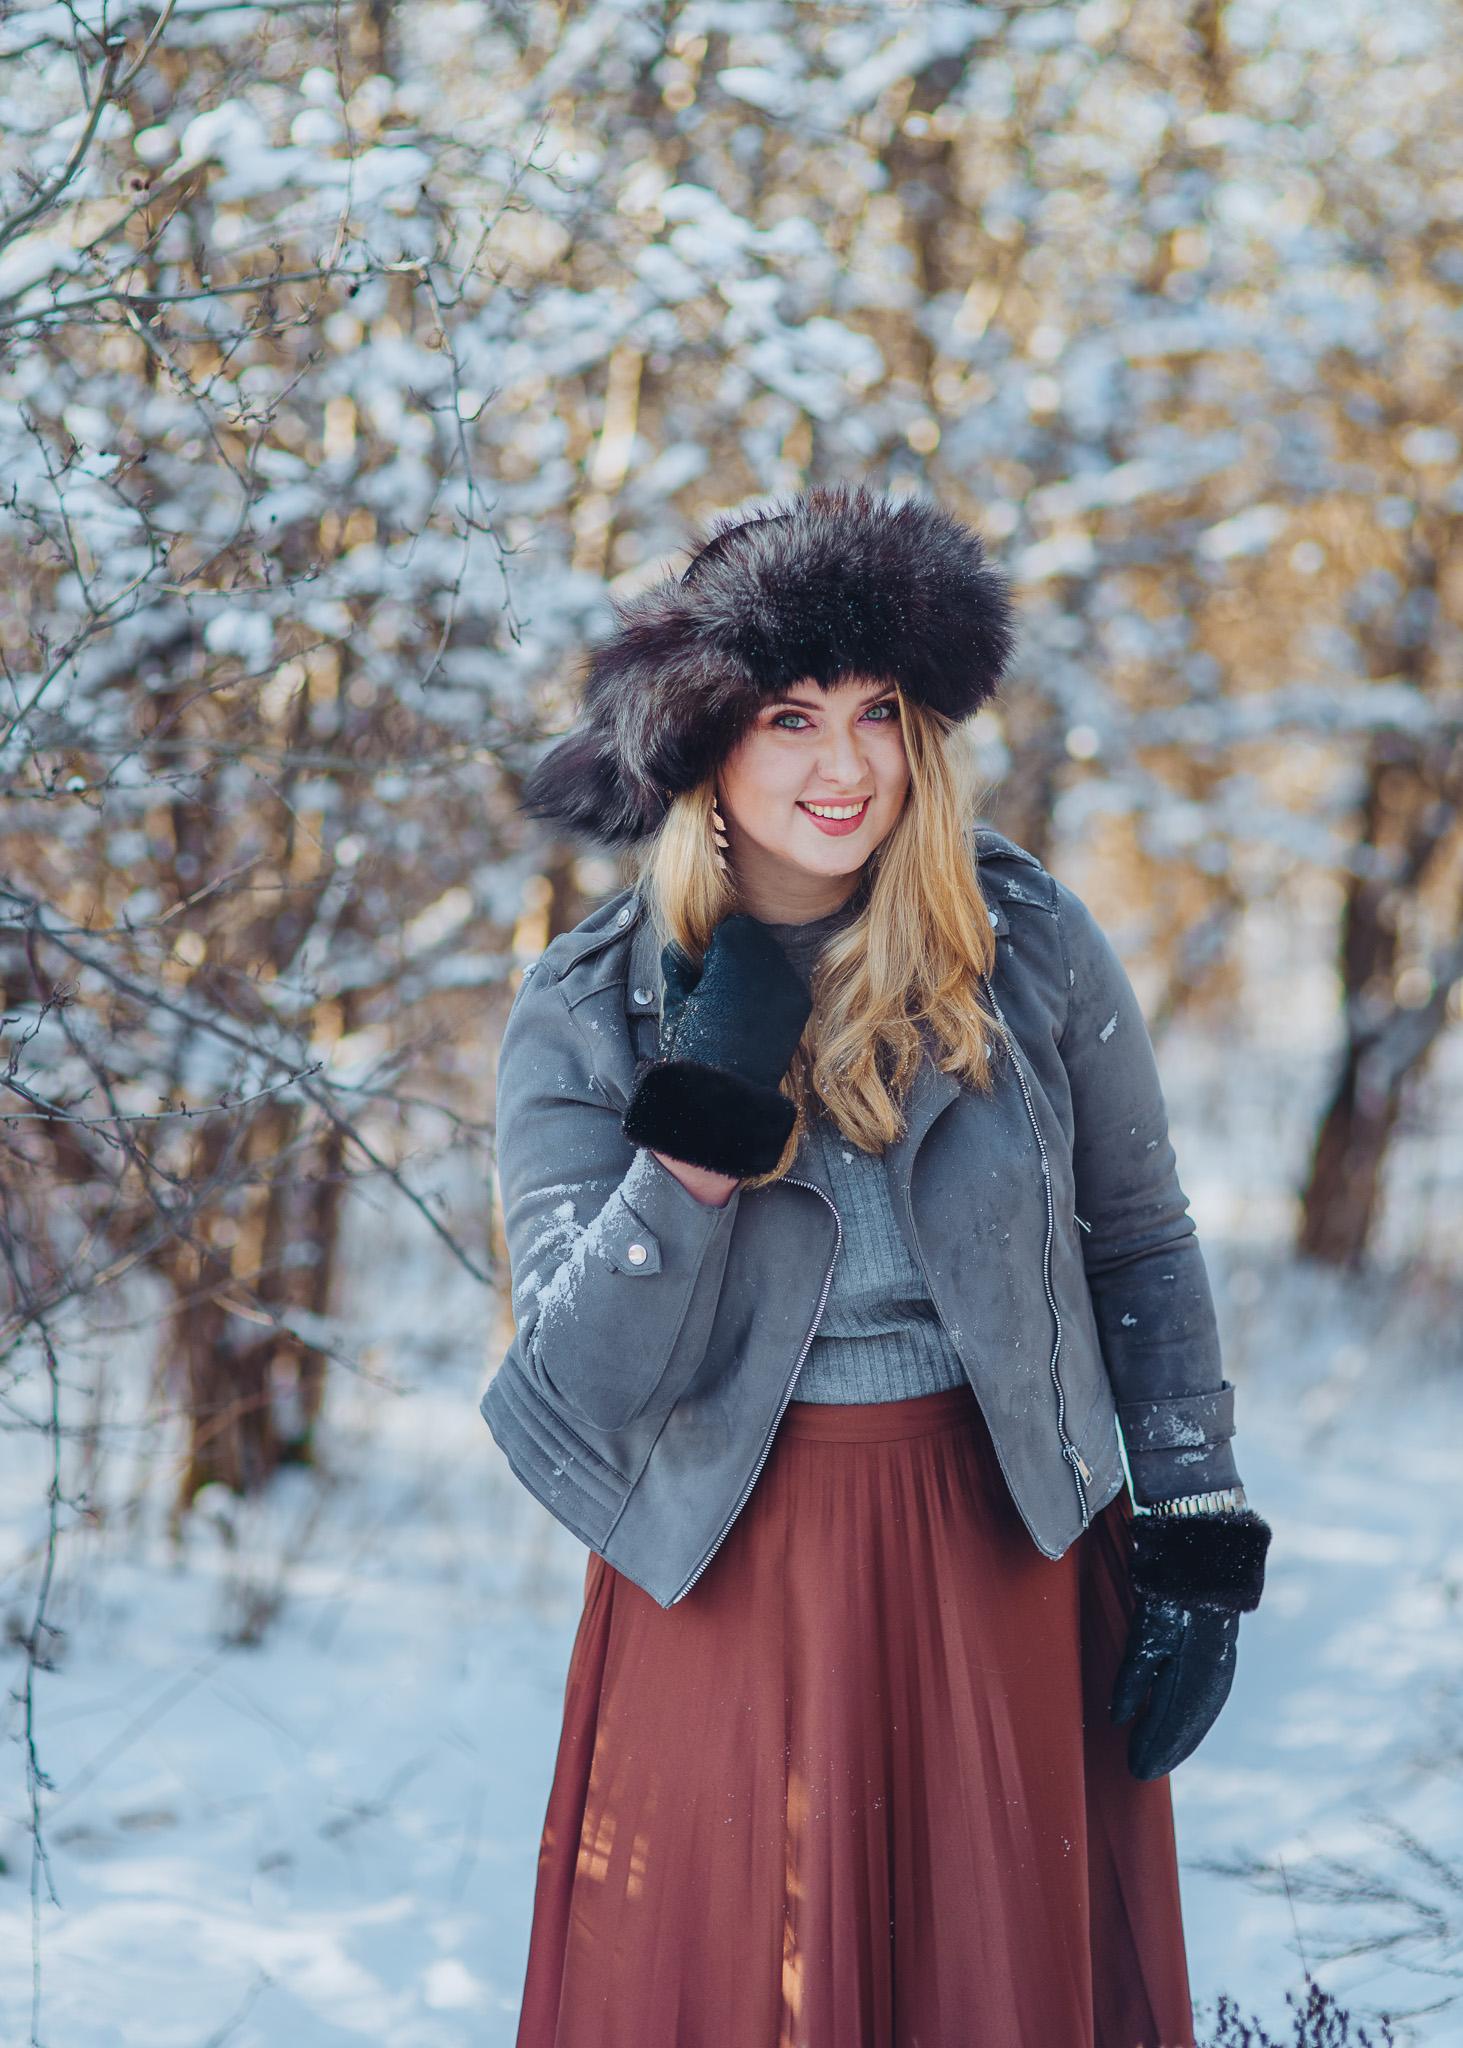 zimowa sesja w śniegu portret kobiecy warszawa konstancin piaseczno